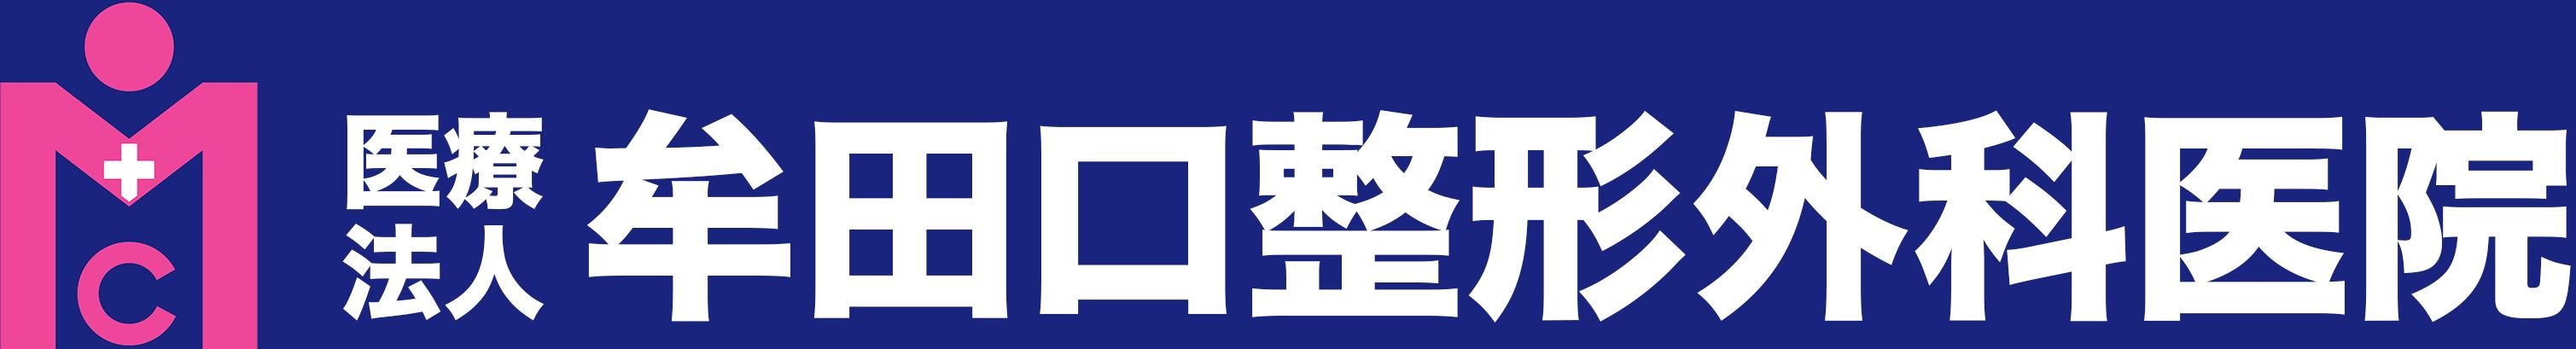 医療法人 牟田口整形外科医院